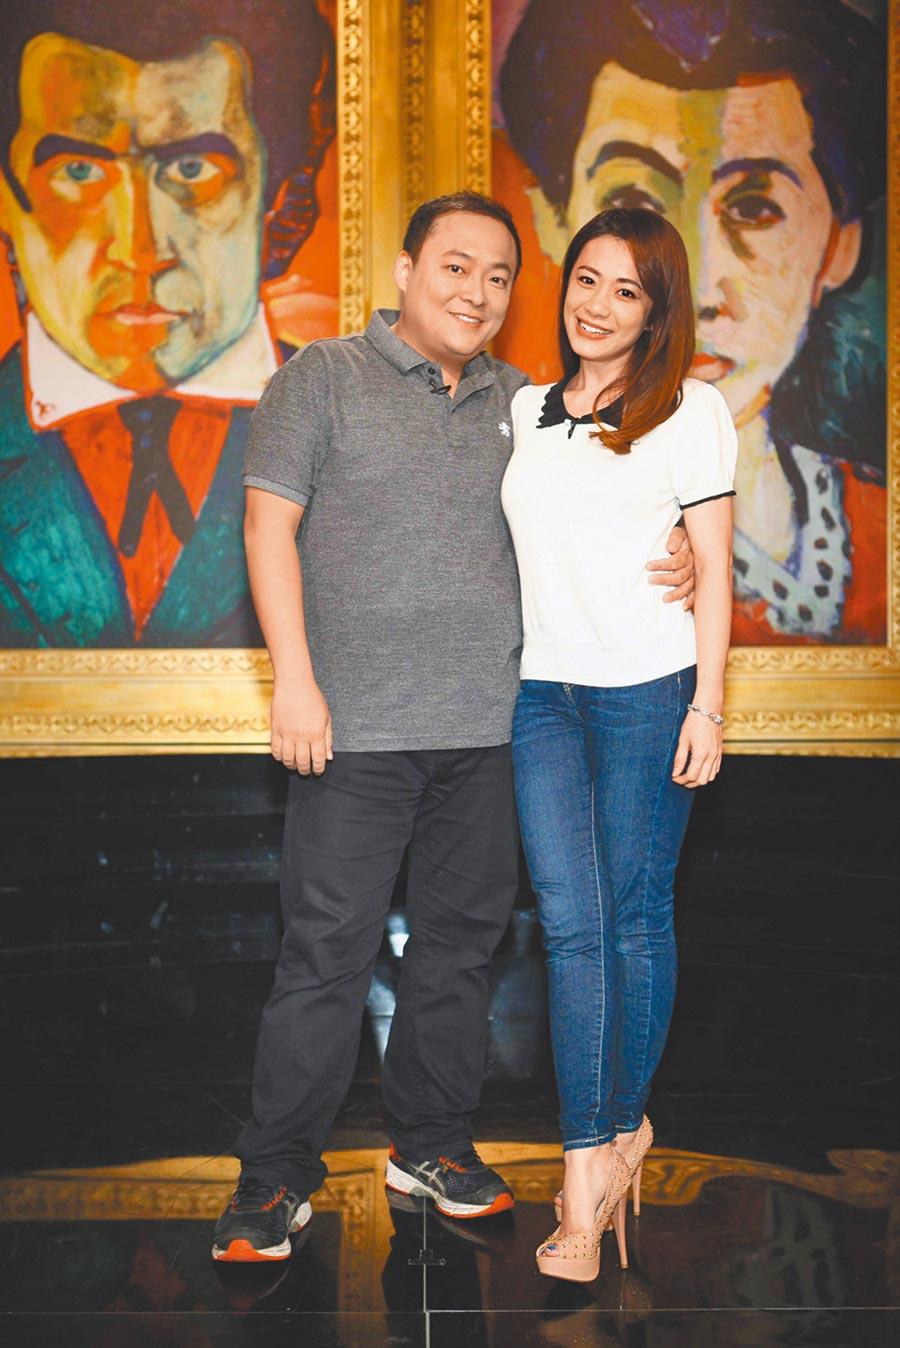 柯以柔(右)和郭宗坤夫妻情斷,她向法院申請查封房子就是要他給錢負責任。(資料照片)